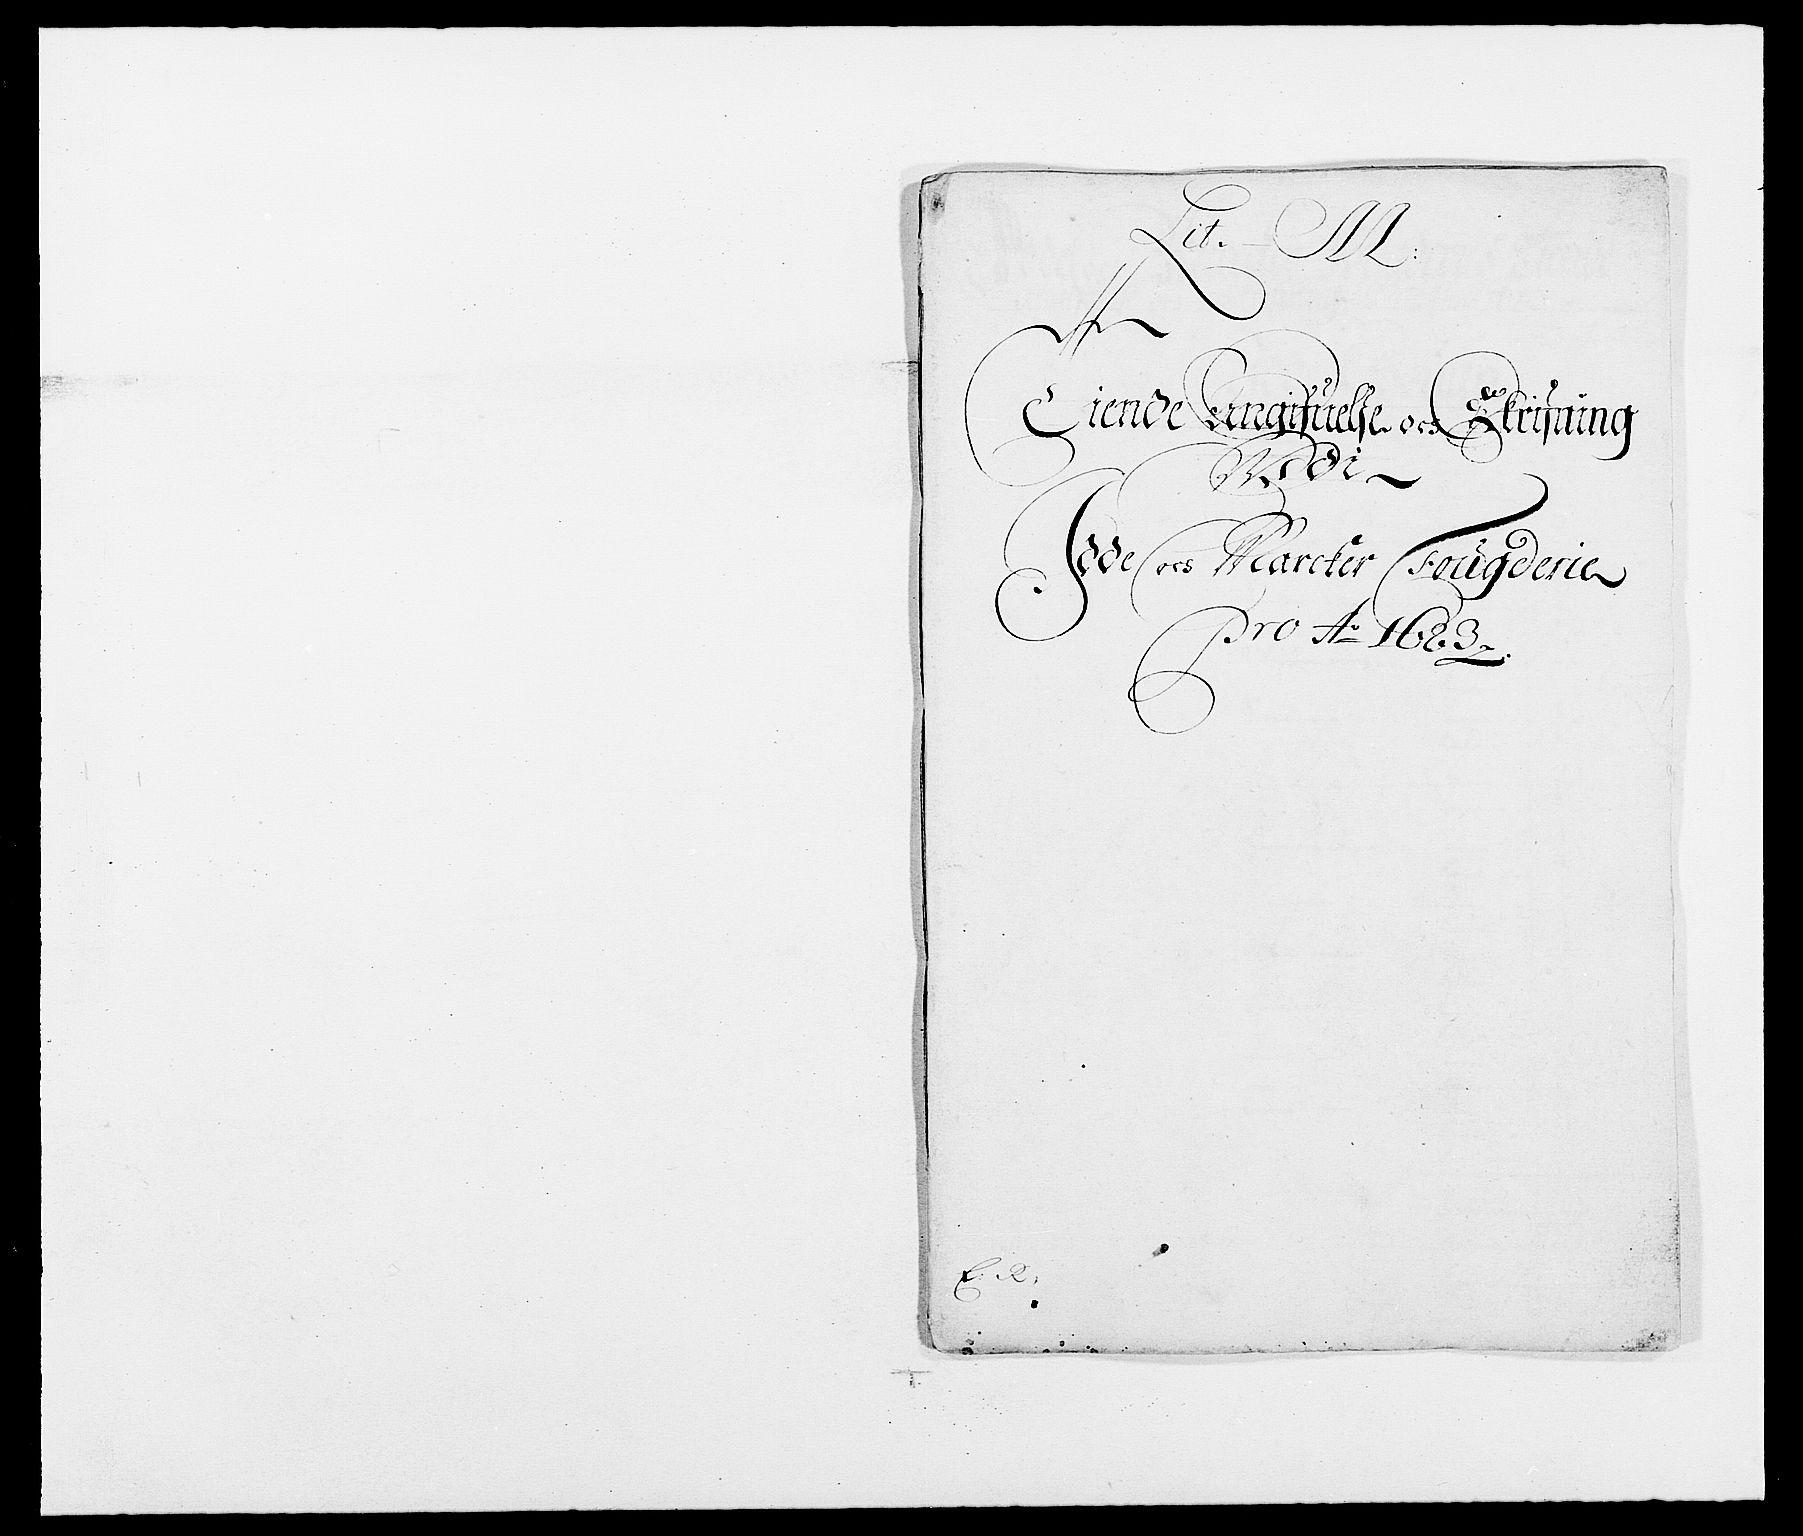 RA, Rentekammeret inntil 1814, Reviderte regnskaper, Fogderegnskap, R01/L0004: Fogderegnskap Idd og Marker , 1682-1683, s. 215